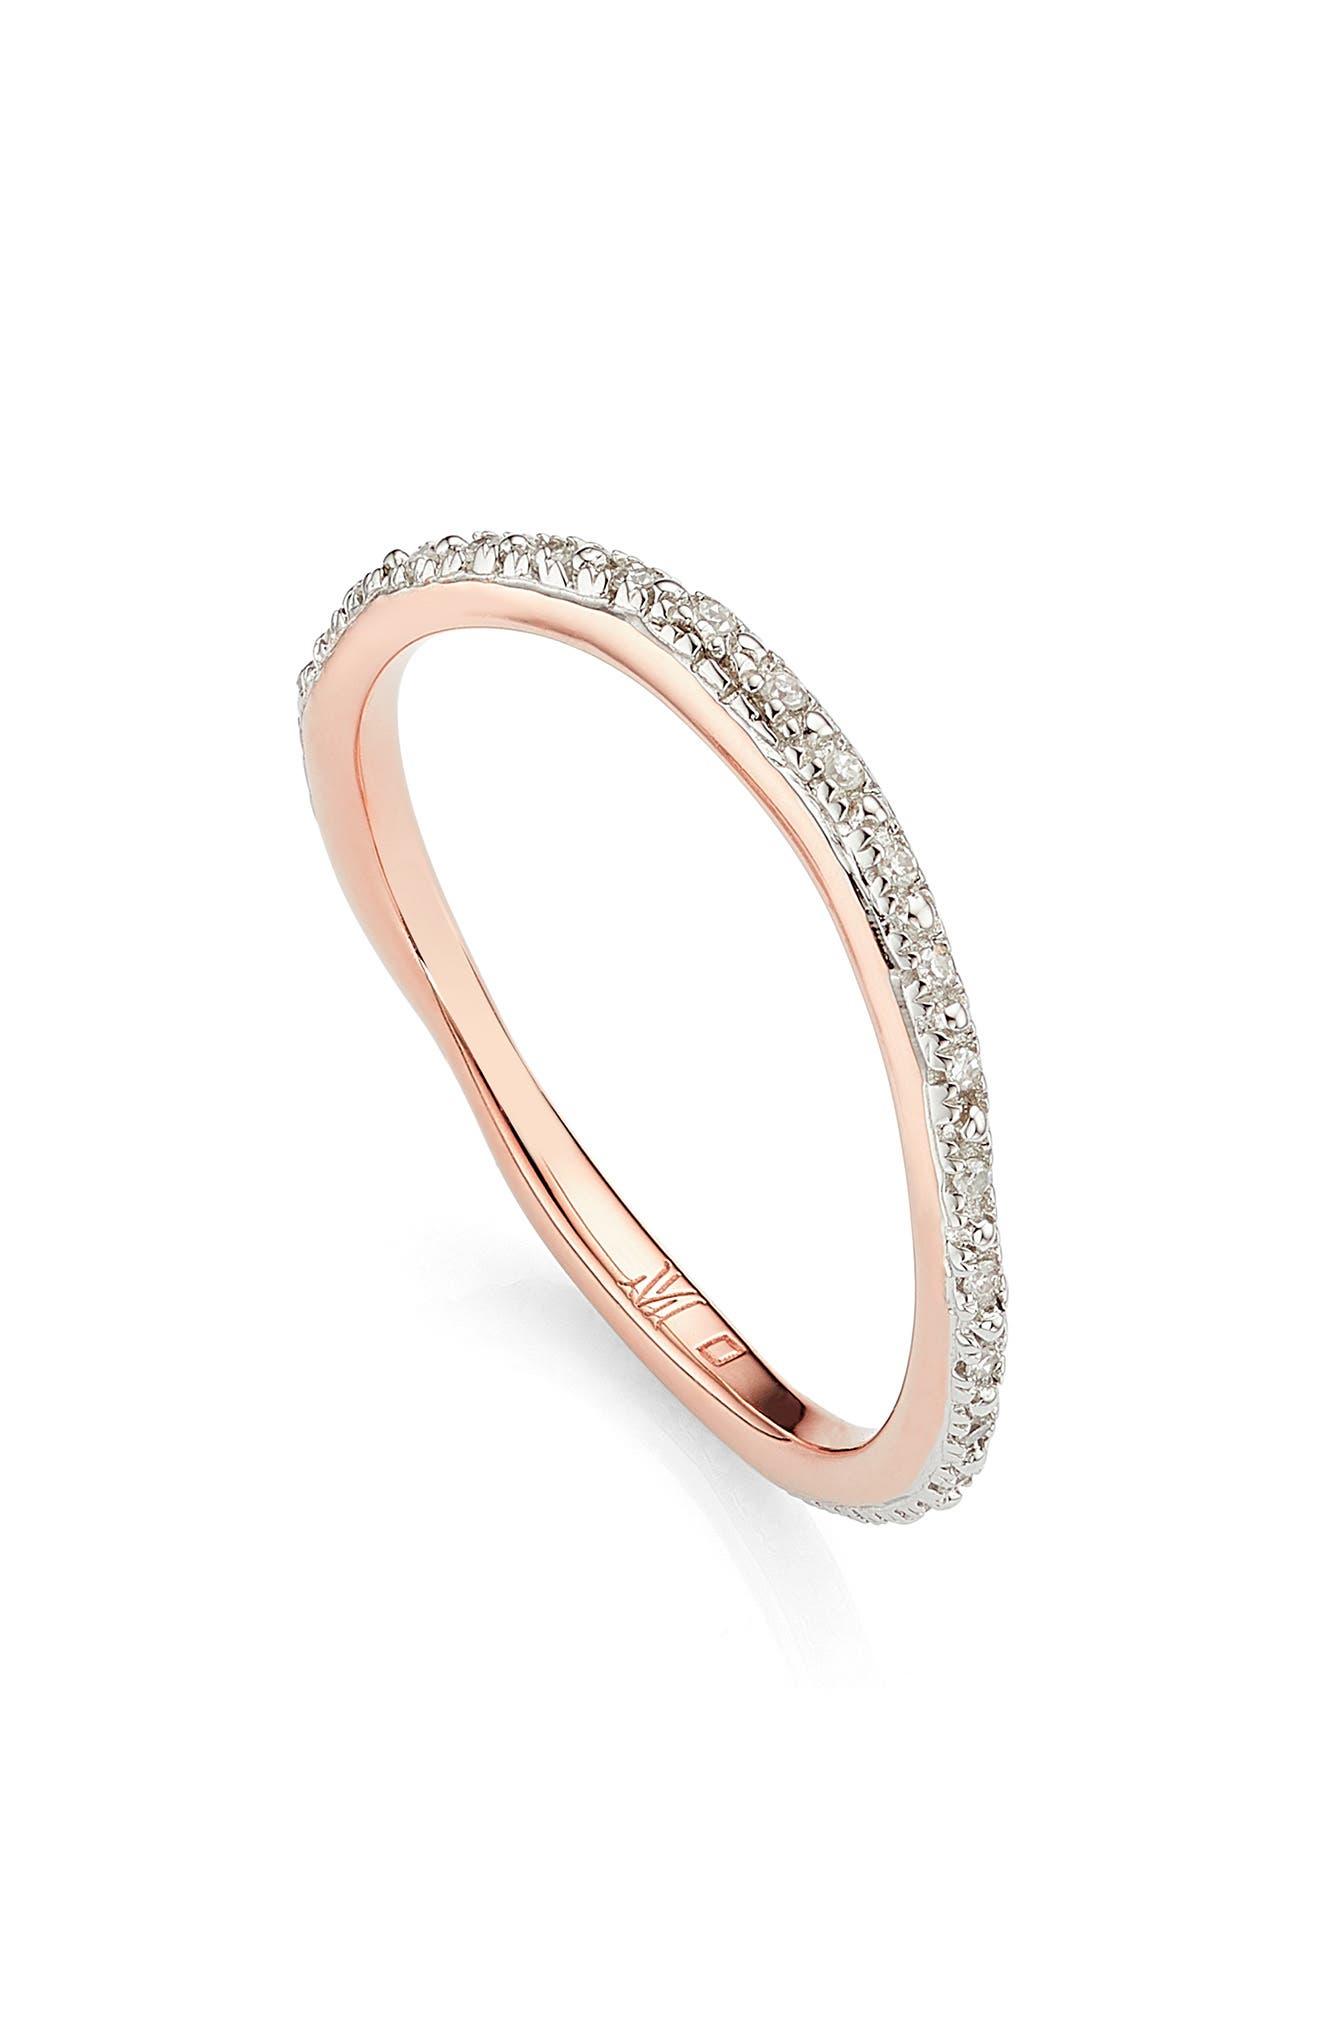 Riva Wave Diamond Eternity Ring,                             Main thumbnail 1, color,                             ROSE GOLD/ DIAMOND